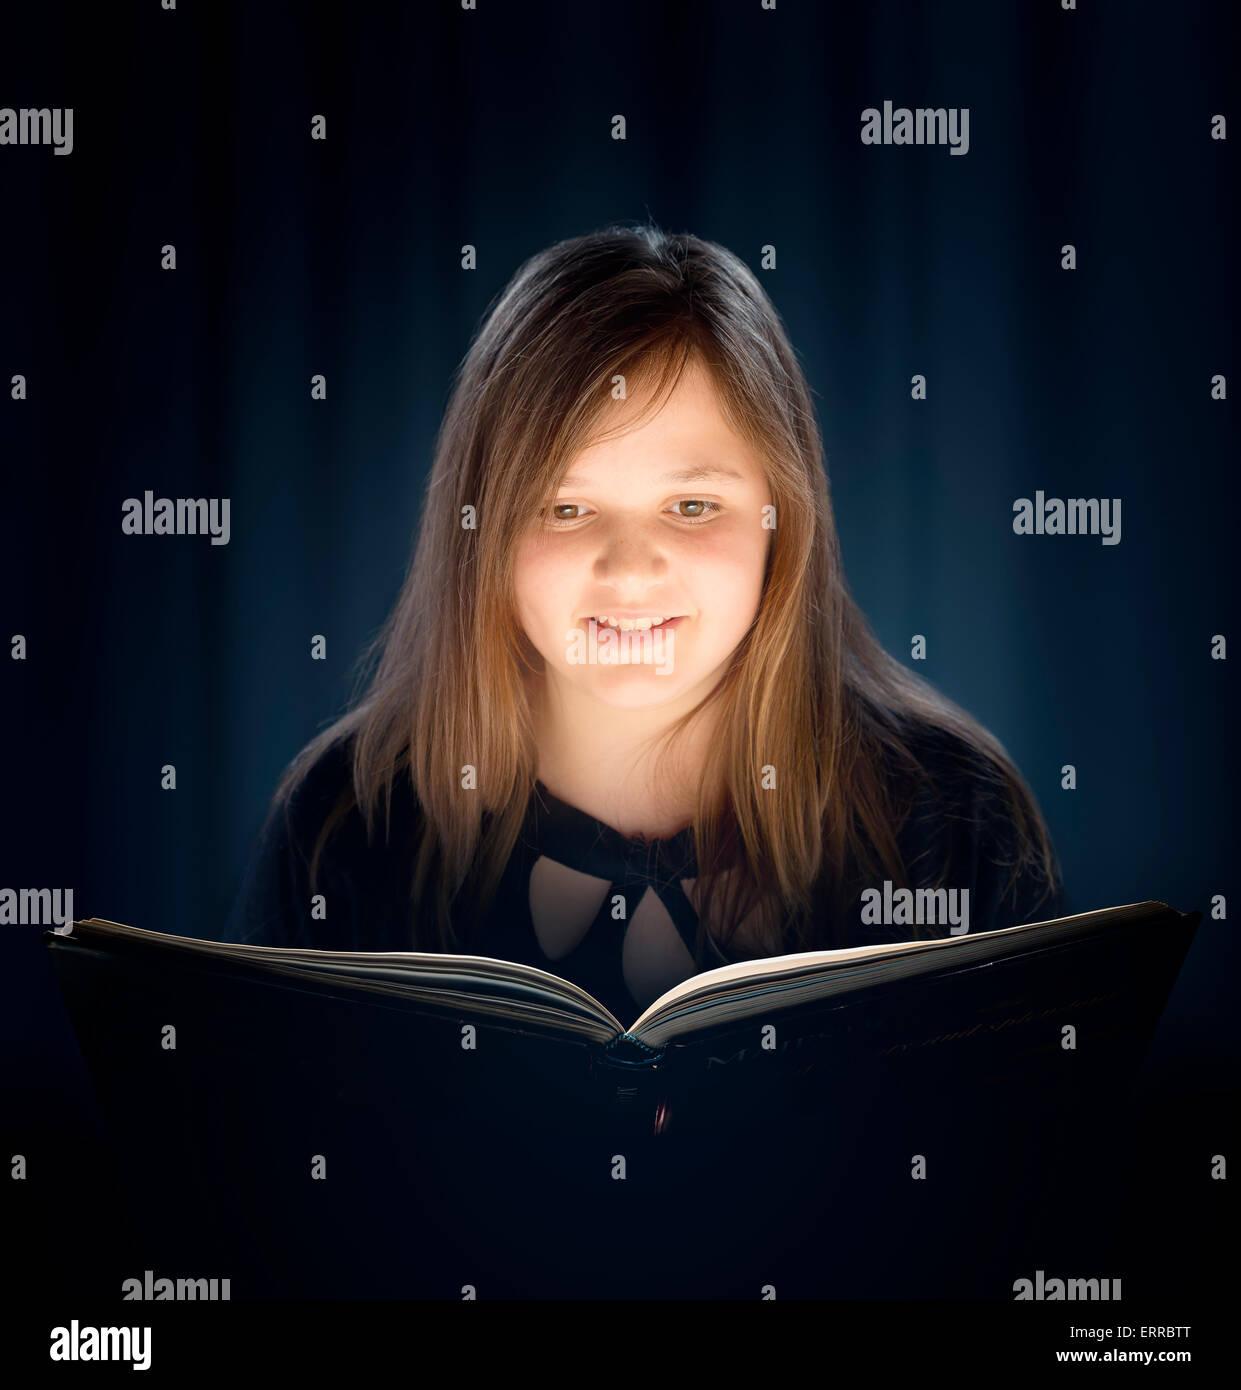 Ragazza giovane con i capelli lunghi e la lettura di un libro con luce soffusa Immagini Stock